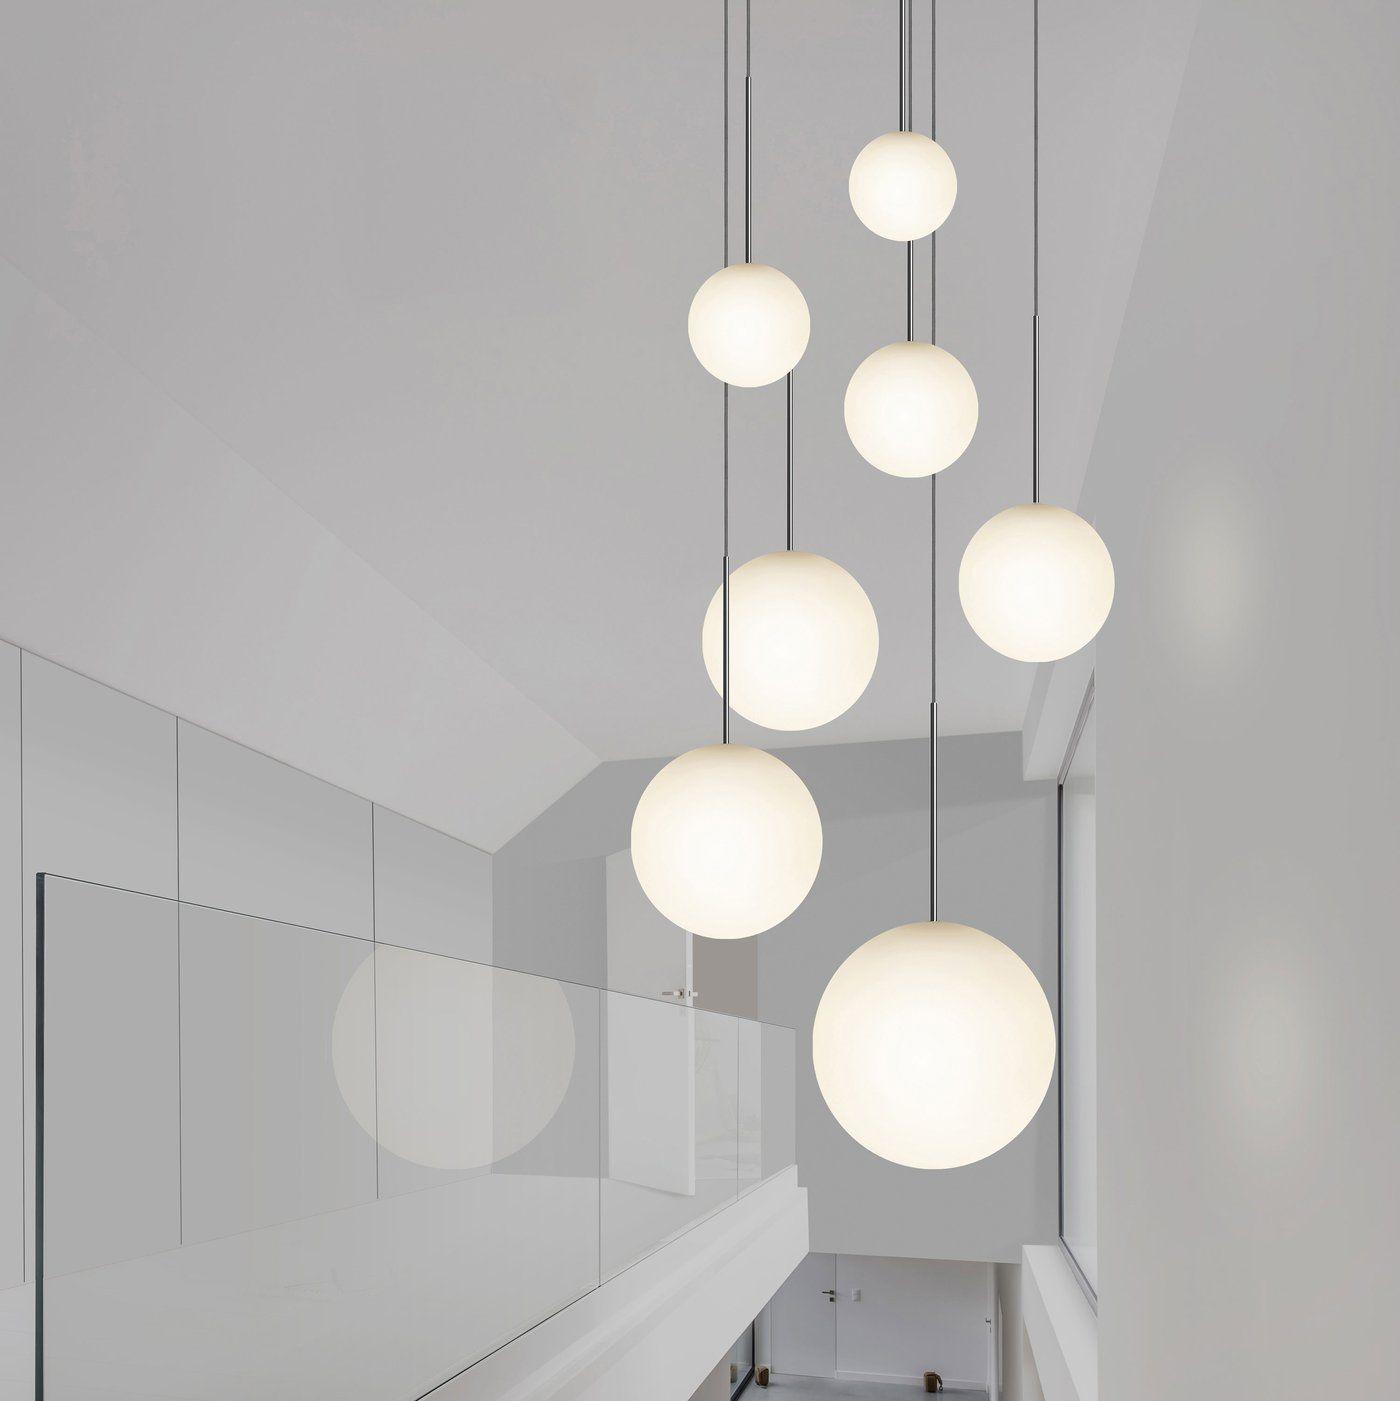 Bola Sphere Pendant In 2021 Multi Light Pendant Modern Chandeliers High Ceilings Globe Pendant Light